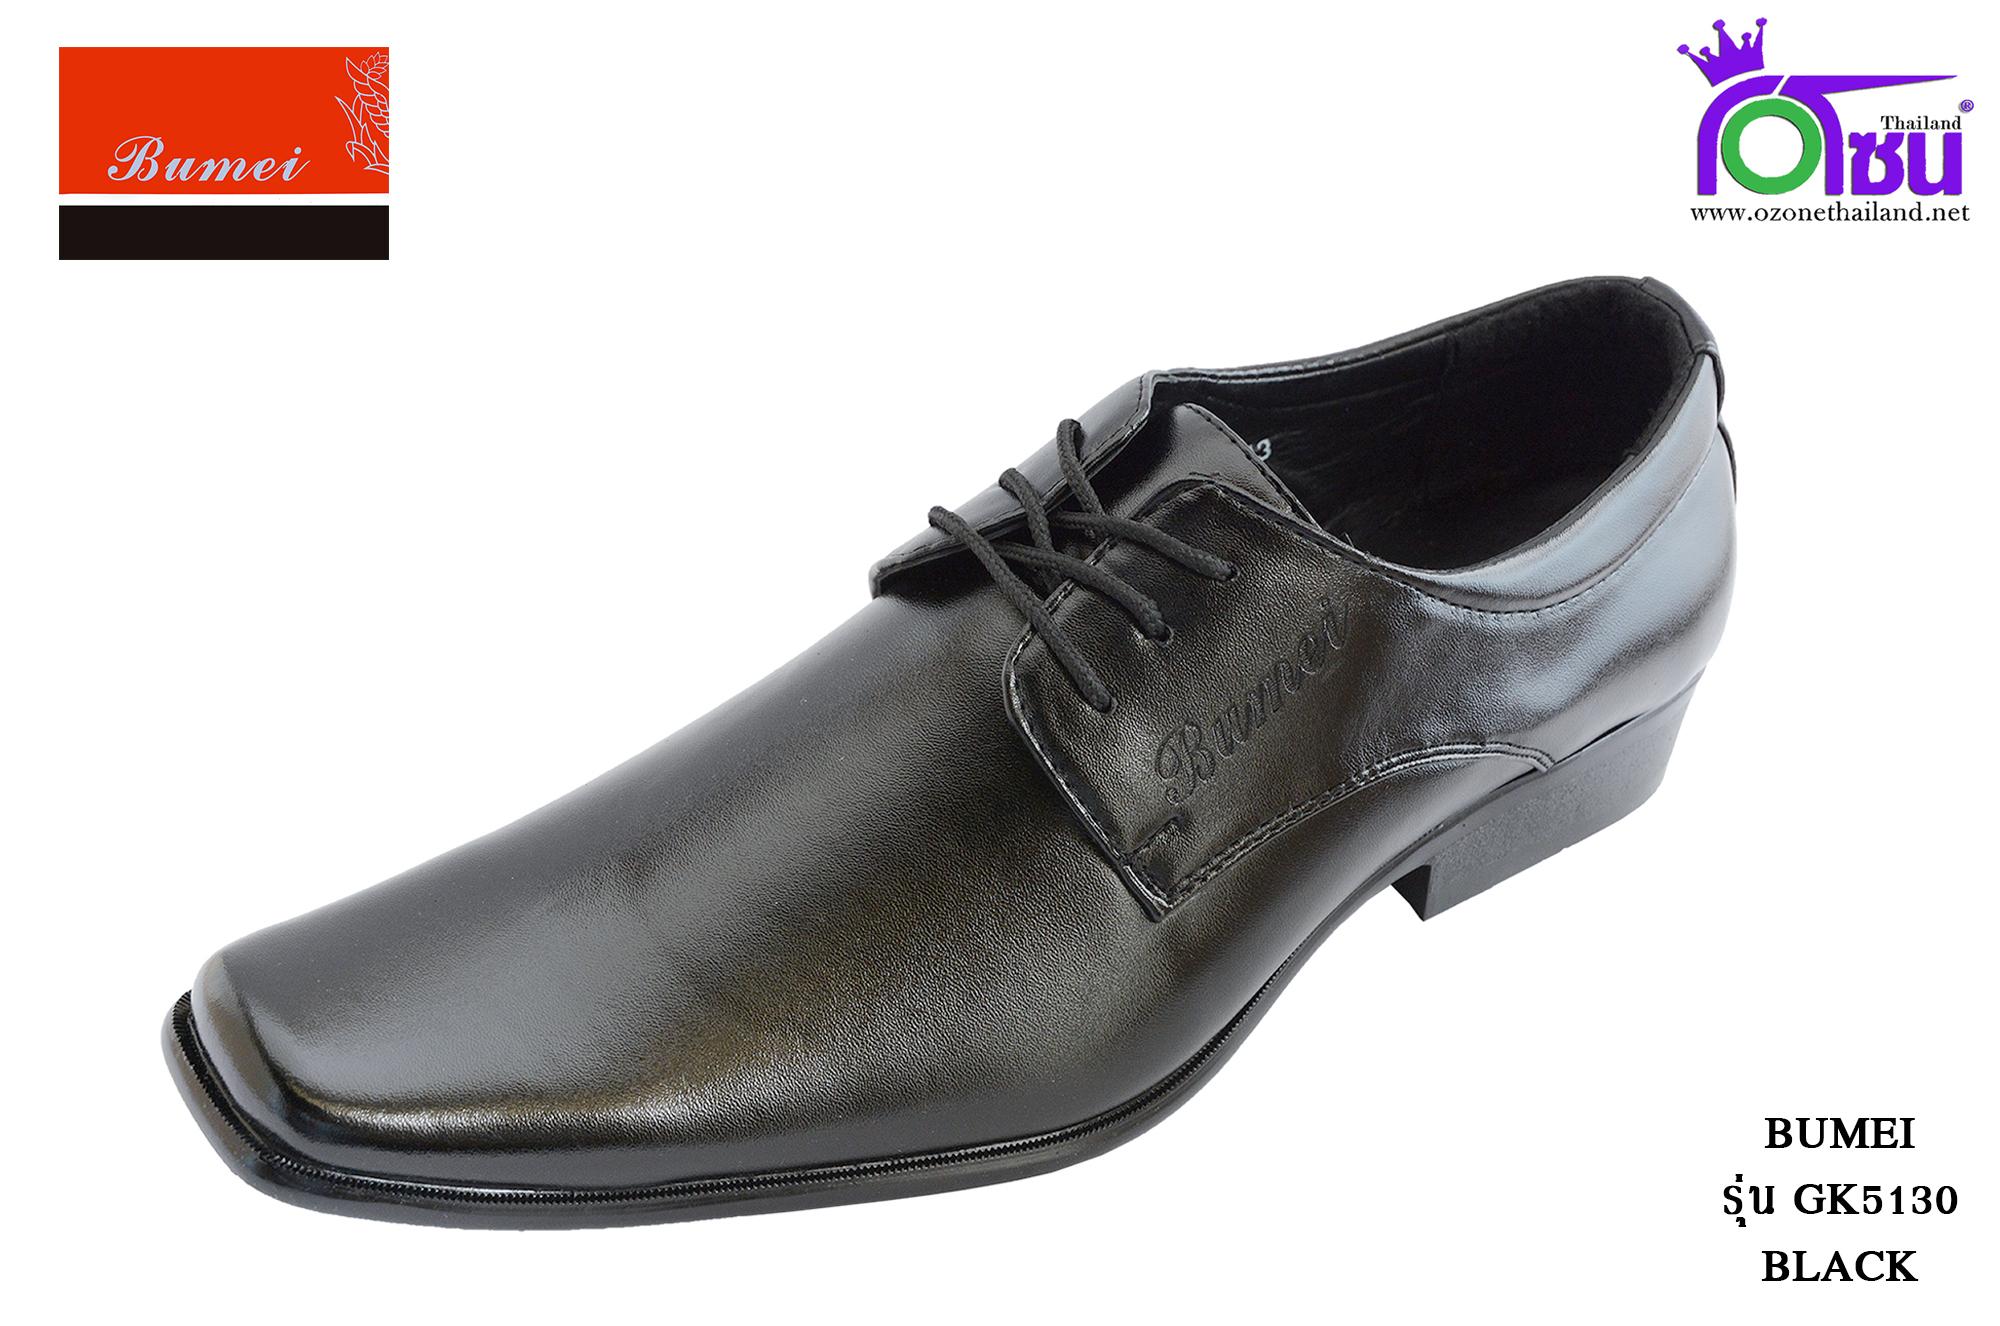 รองเท้าคัทชู BUMEI บูเมย รหัส GK5130 สีดำ เบอร์ 41-45